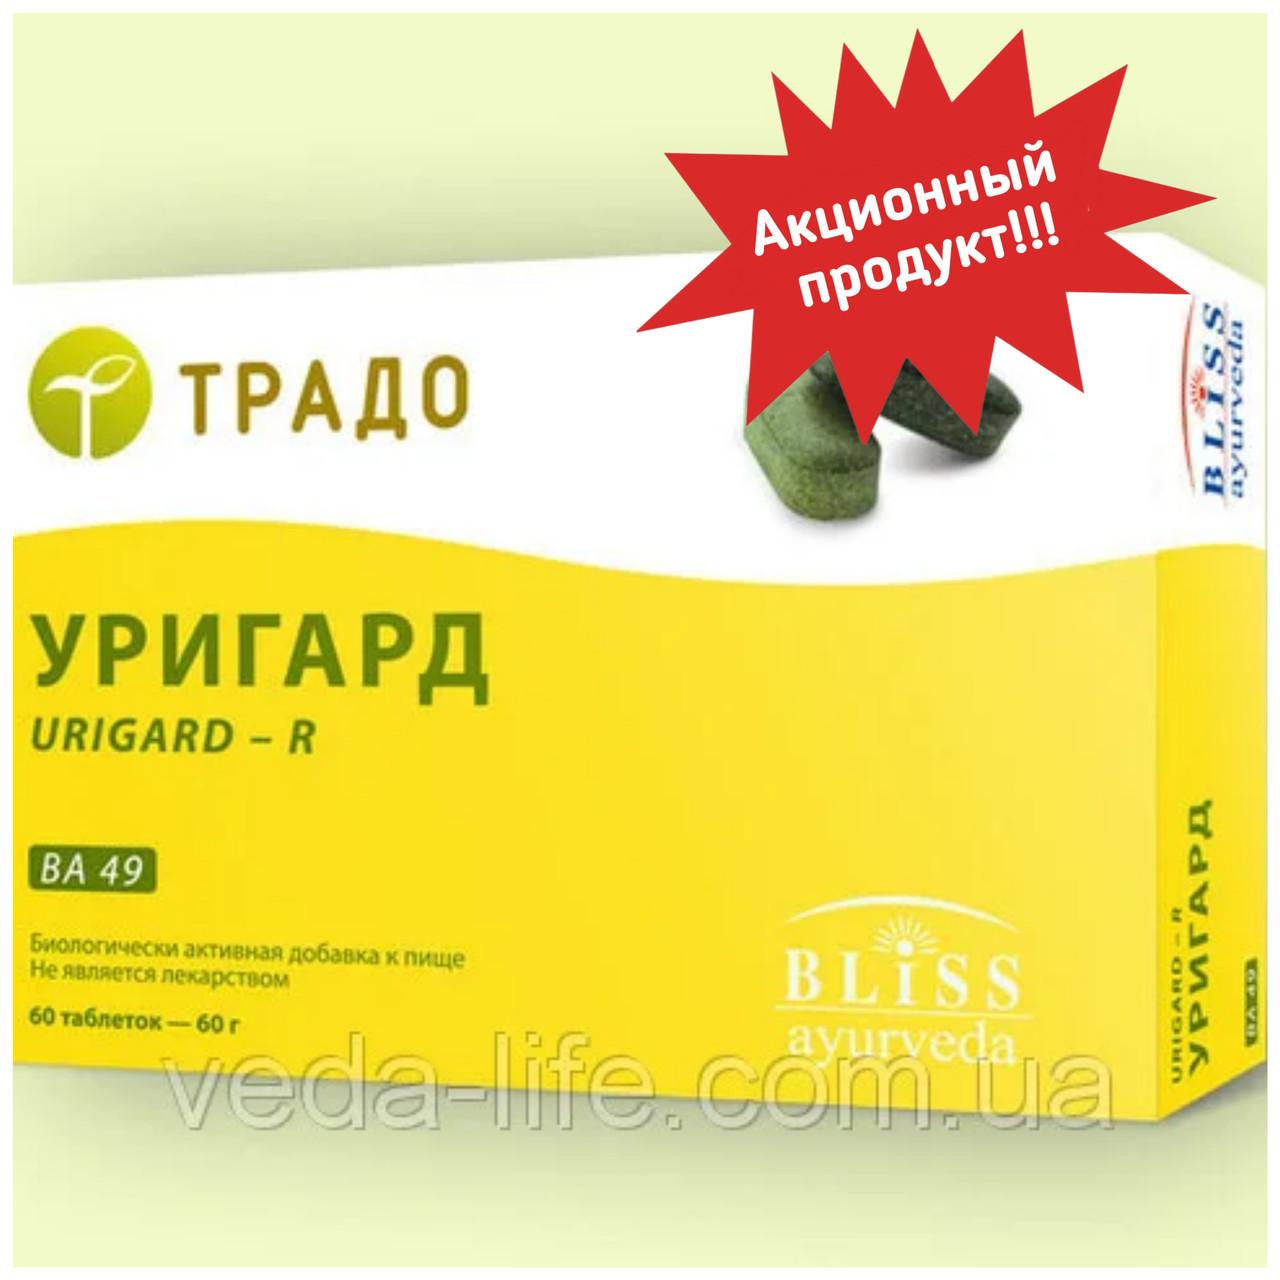 Уригард. 60 табл. Лечение мочекаменной болезни. Укрепление почек. Акционный продукт